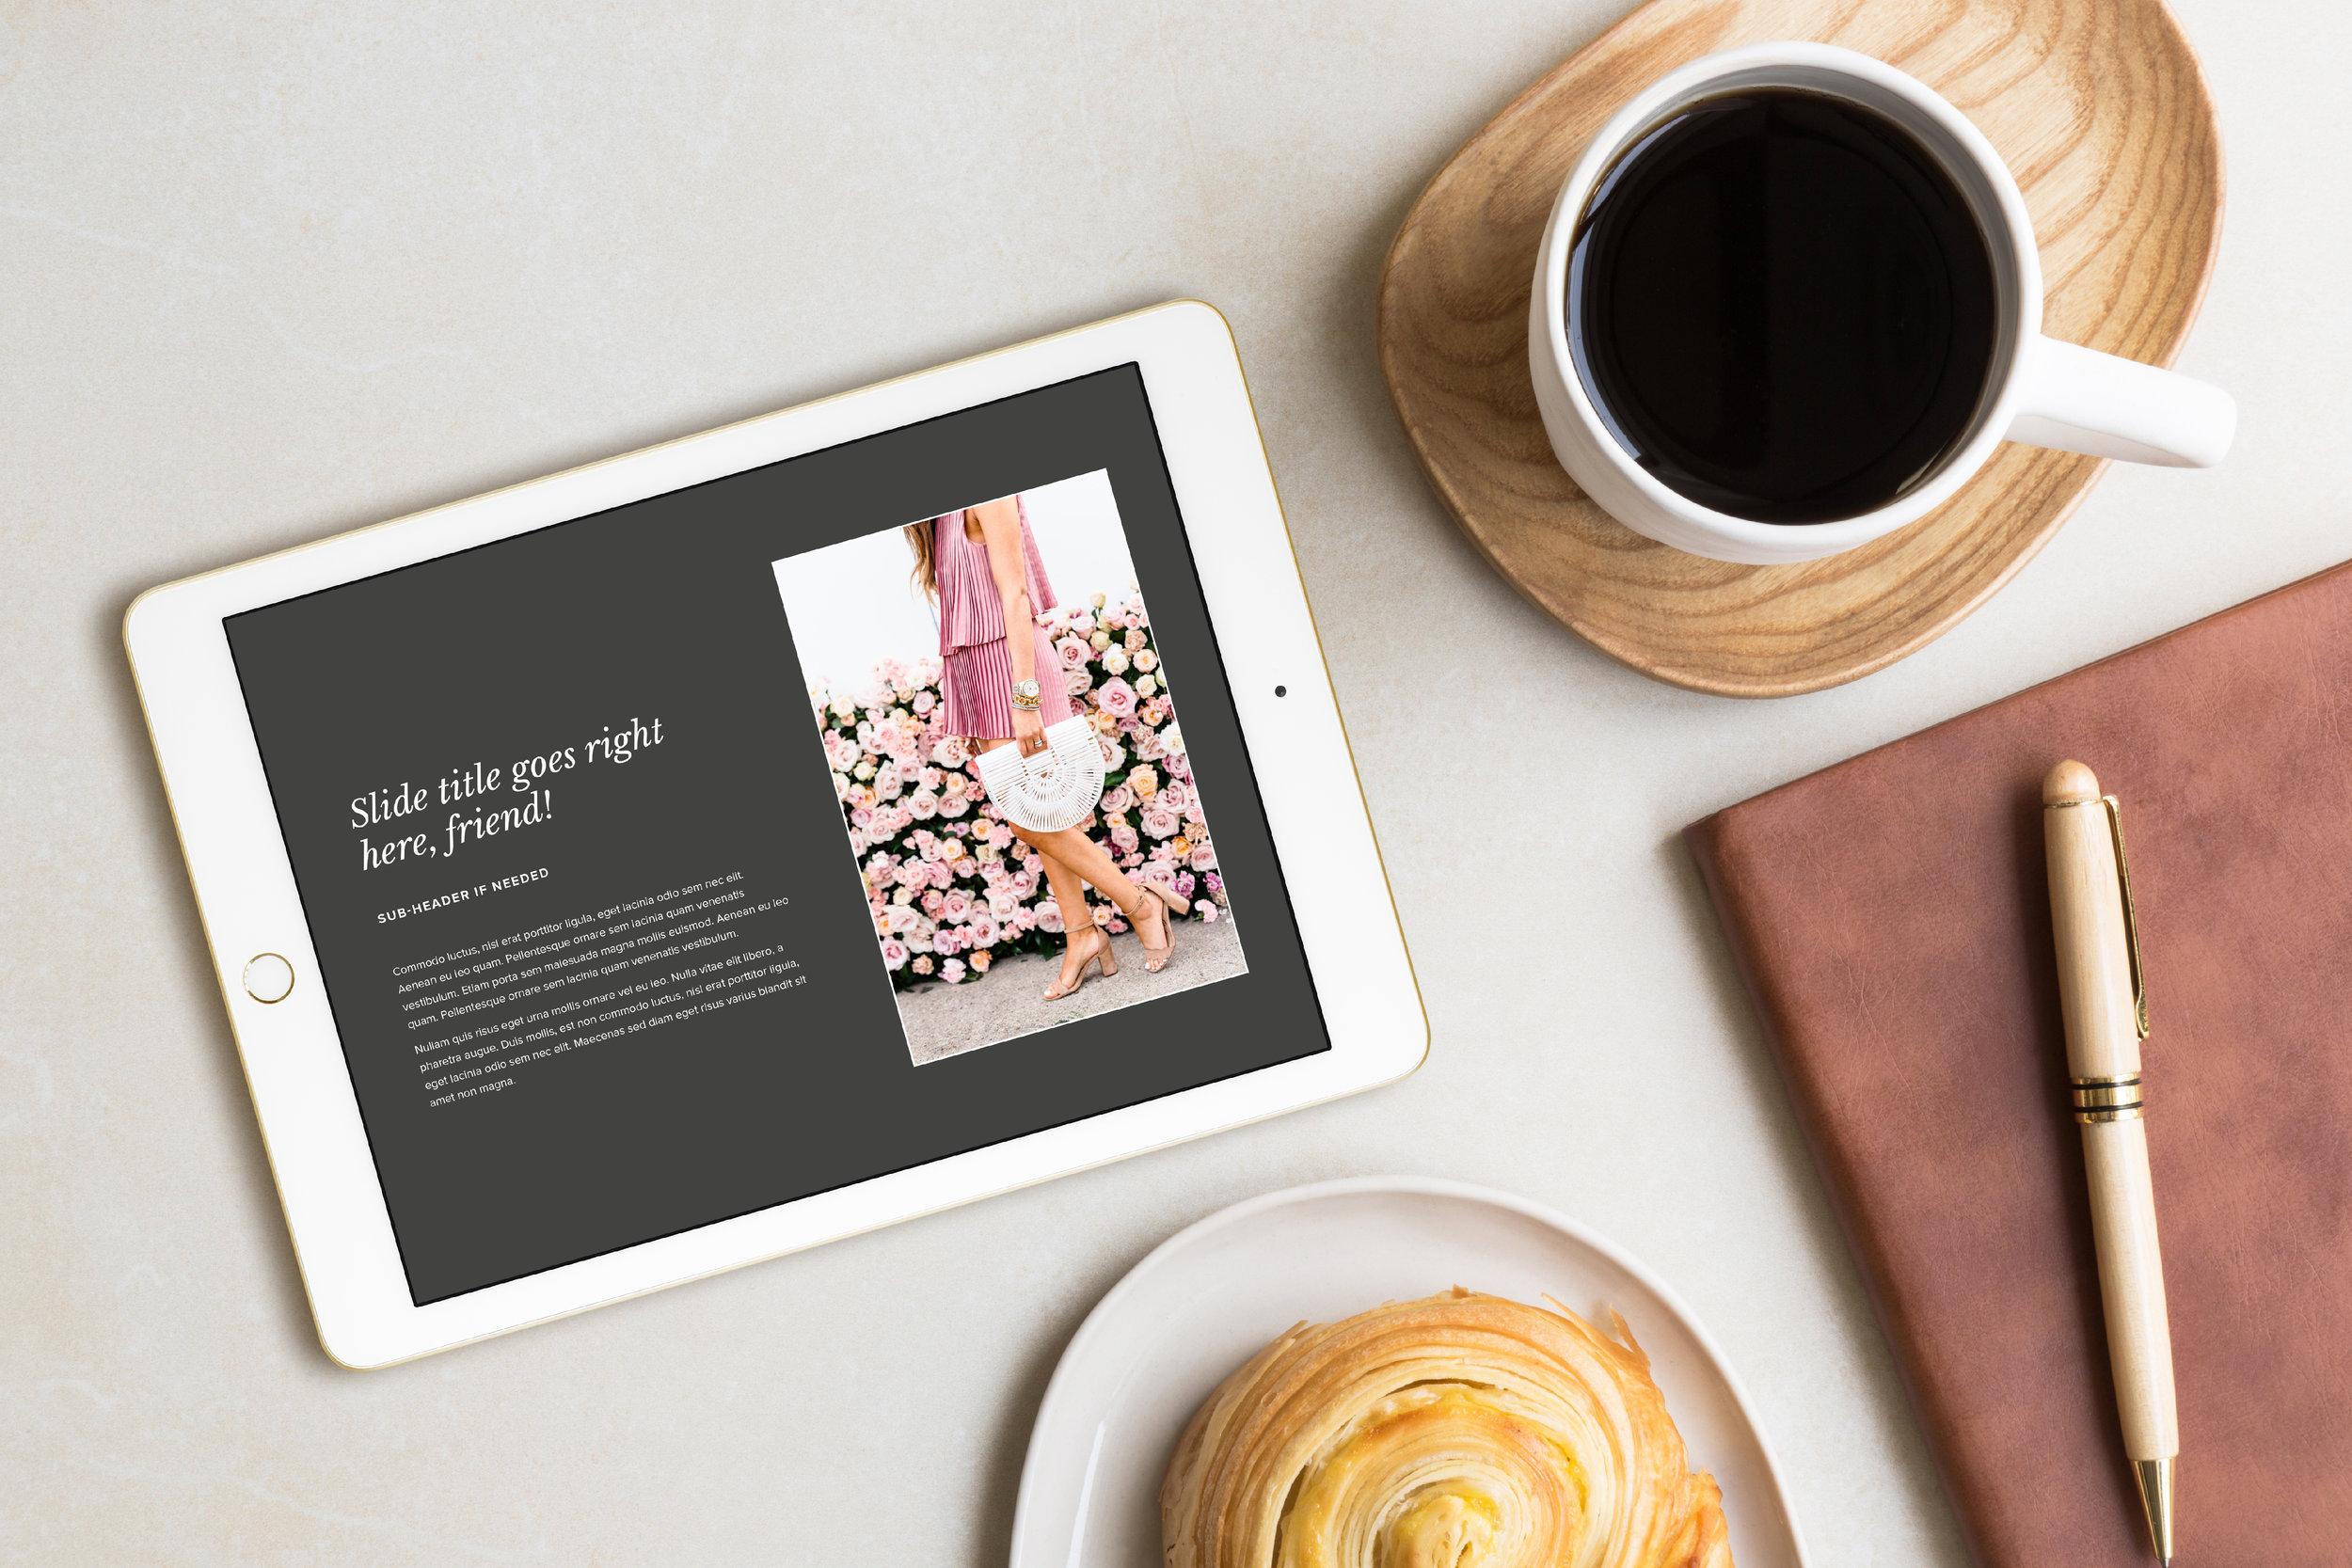 LynseyCreative_SmithHousePhoto_Portfolio_presentationdesign.jpg